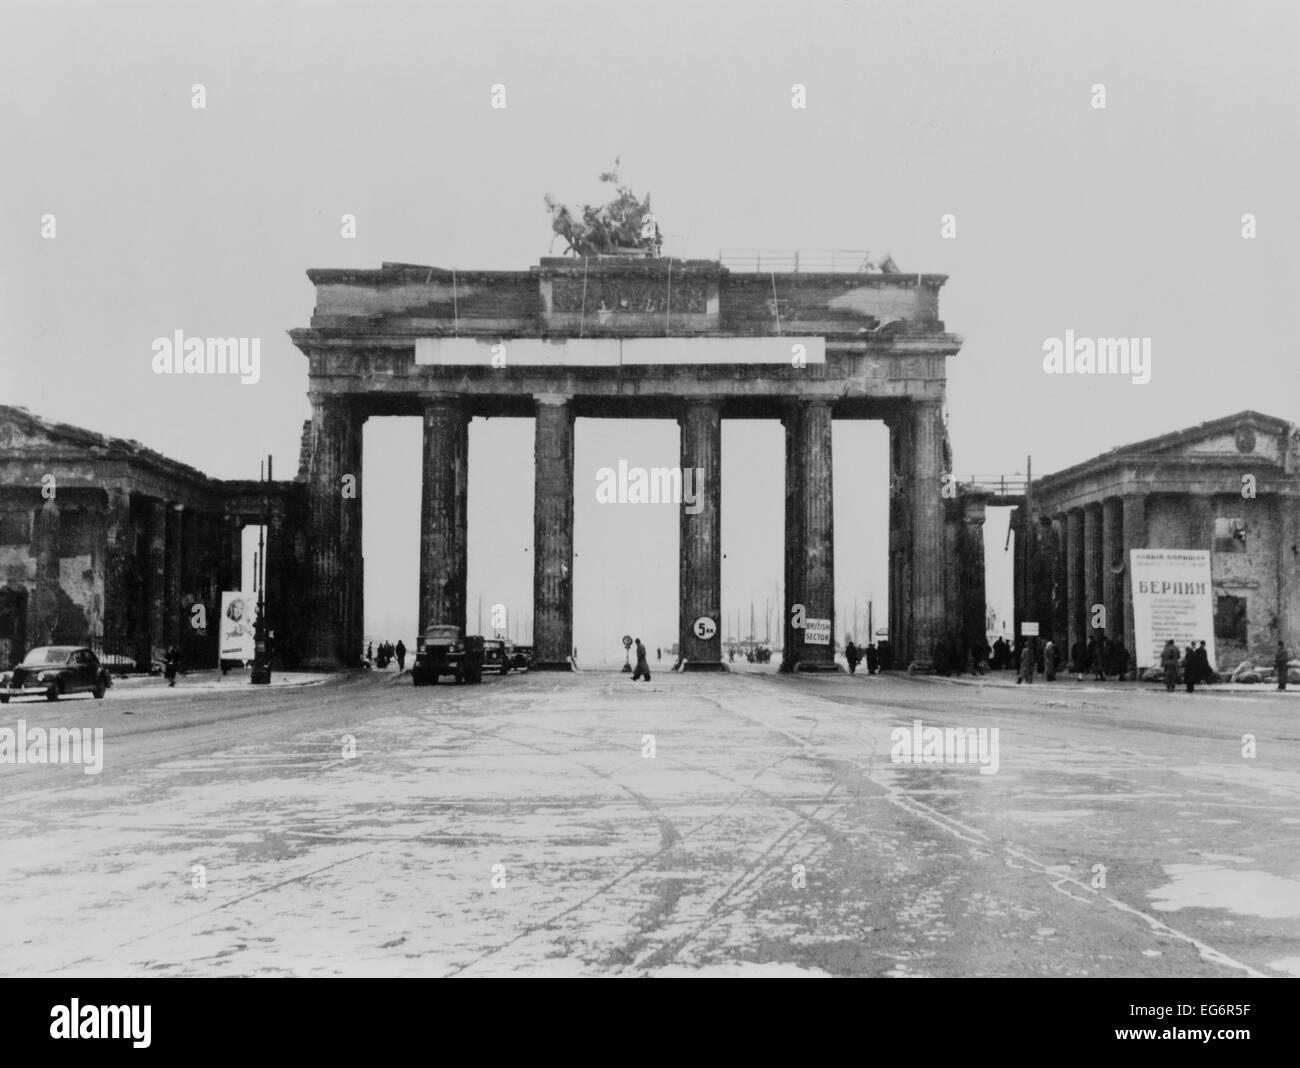 Conduite à travers la Porte de Brandebourg, après la Seconde Guerre mondiale 2. Berlin, Allemagne. Ca. Photo Stock